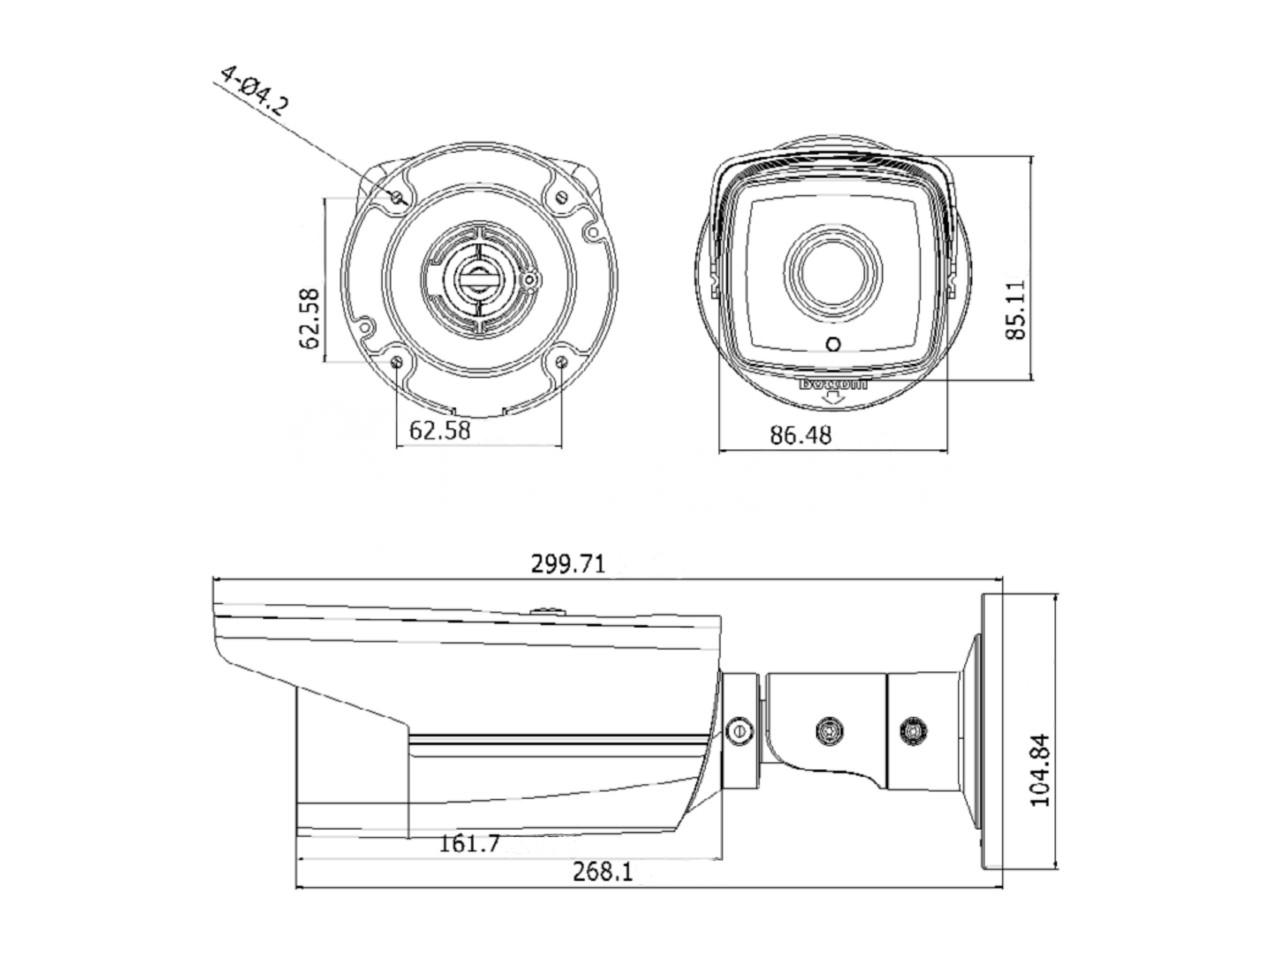 Hikvision Ds 2cd2t32 I5 4mm Bullet Camera